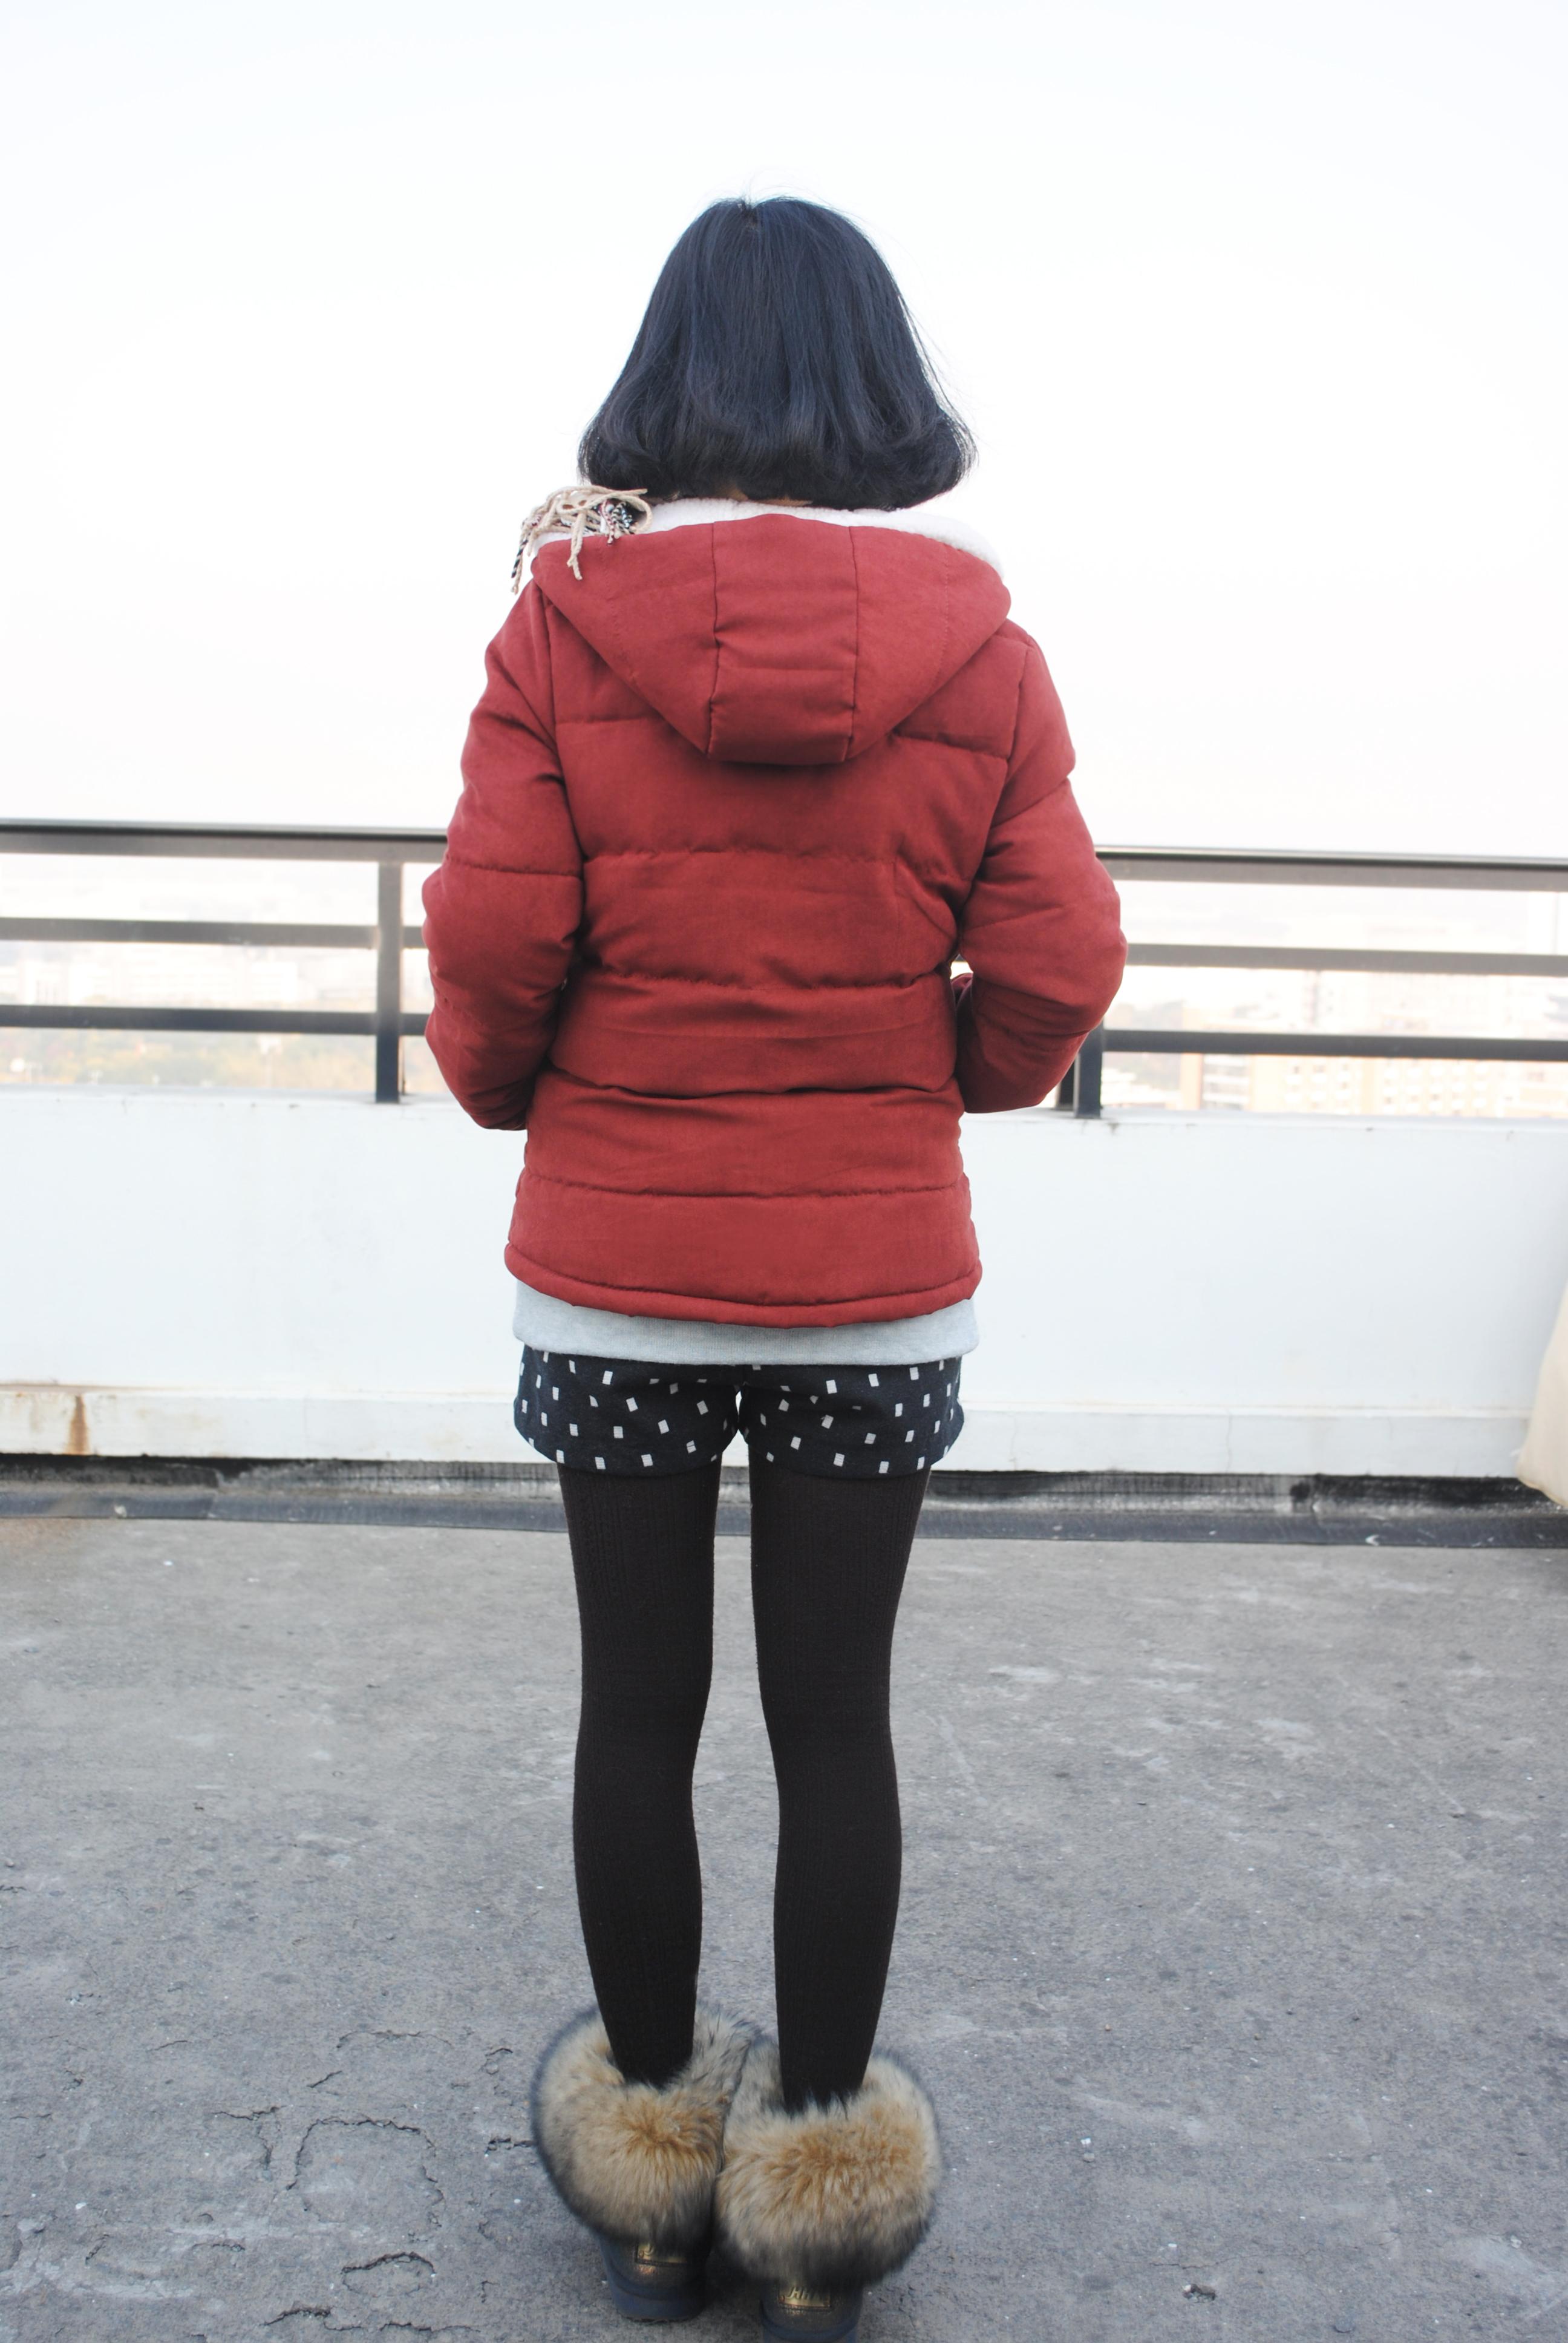 暗红色短外套+浅青绿色卫衣